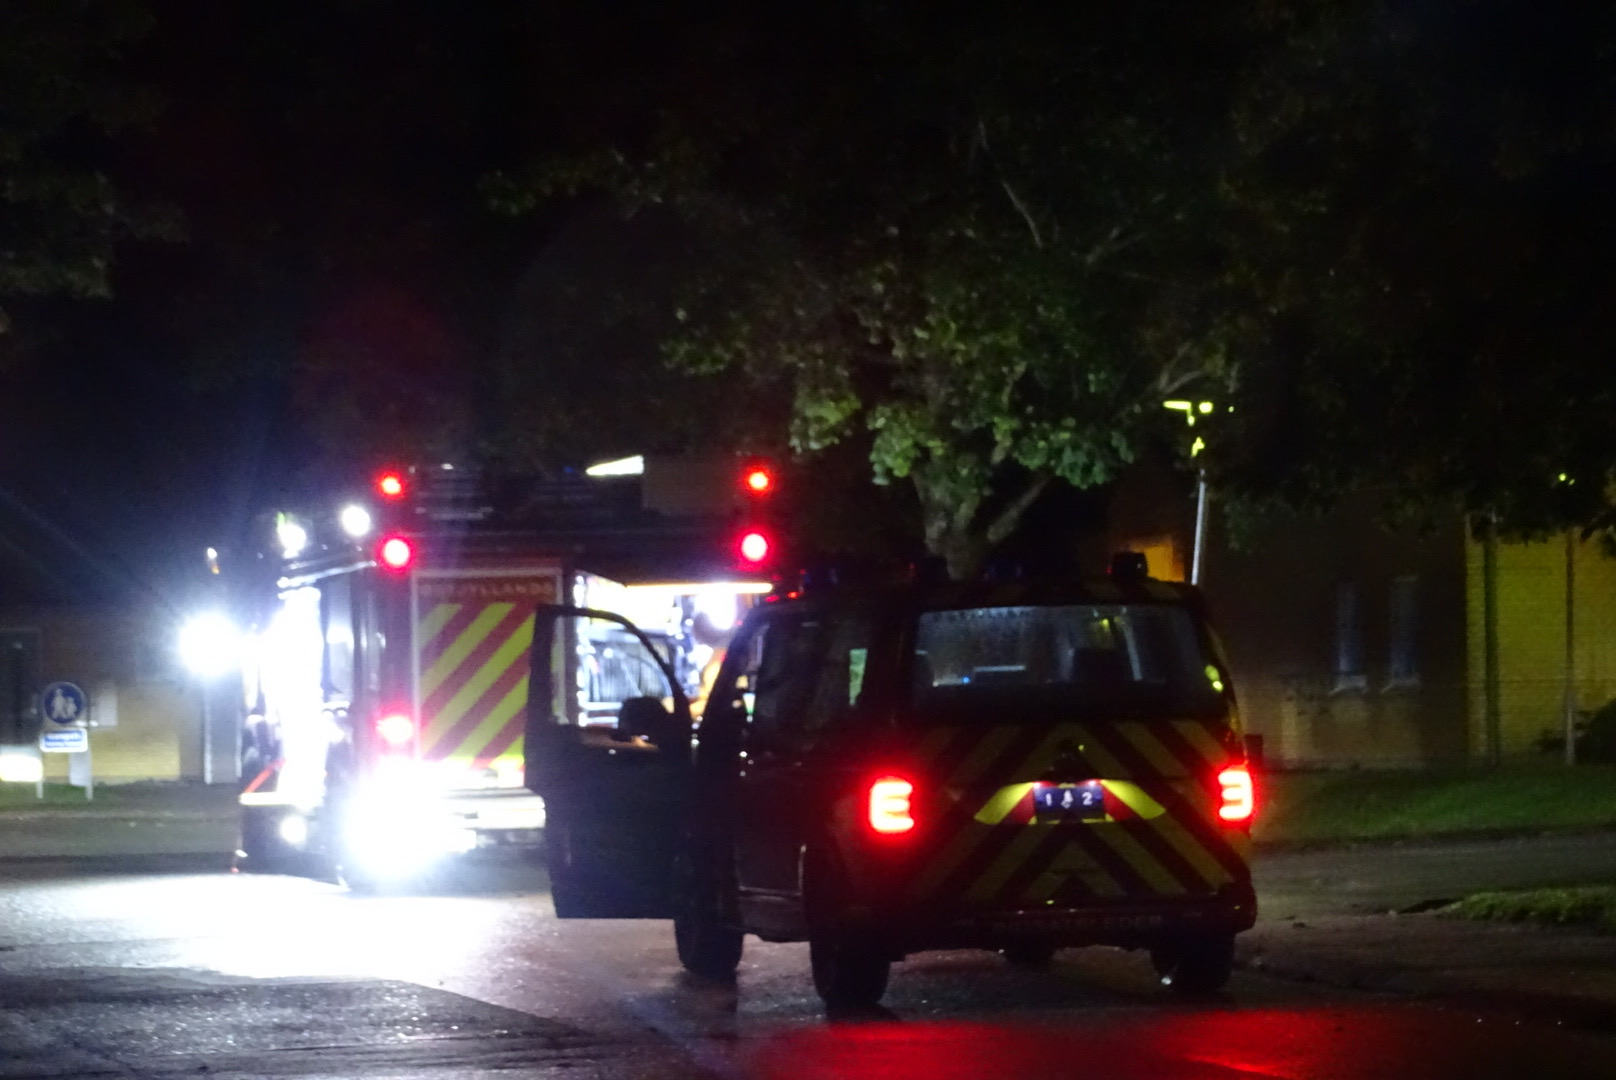 Mindre brand i ældre bolig - beboer og hund evakueret